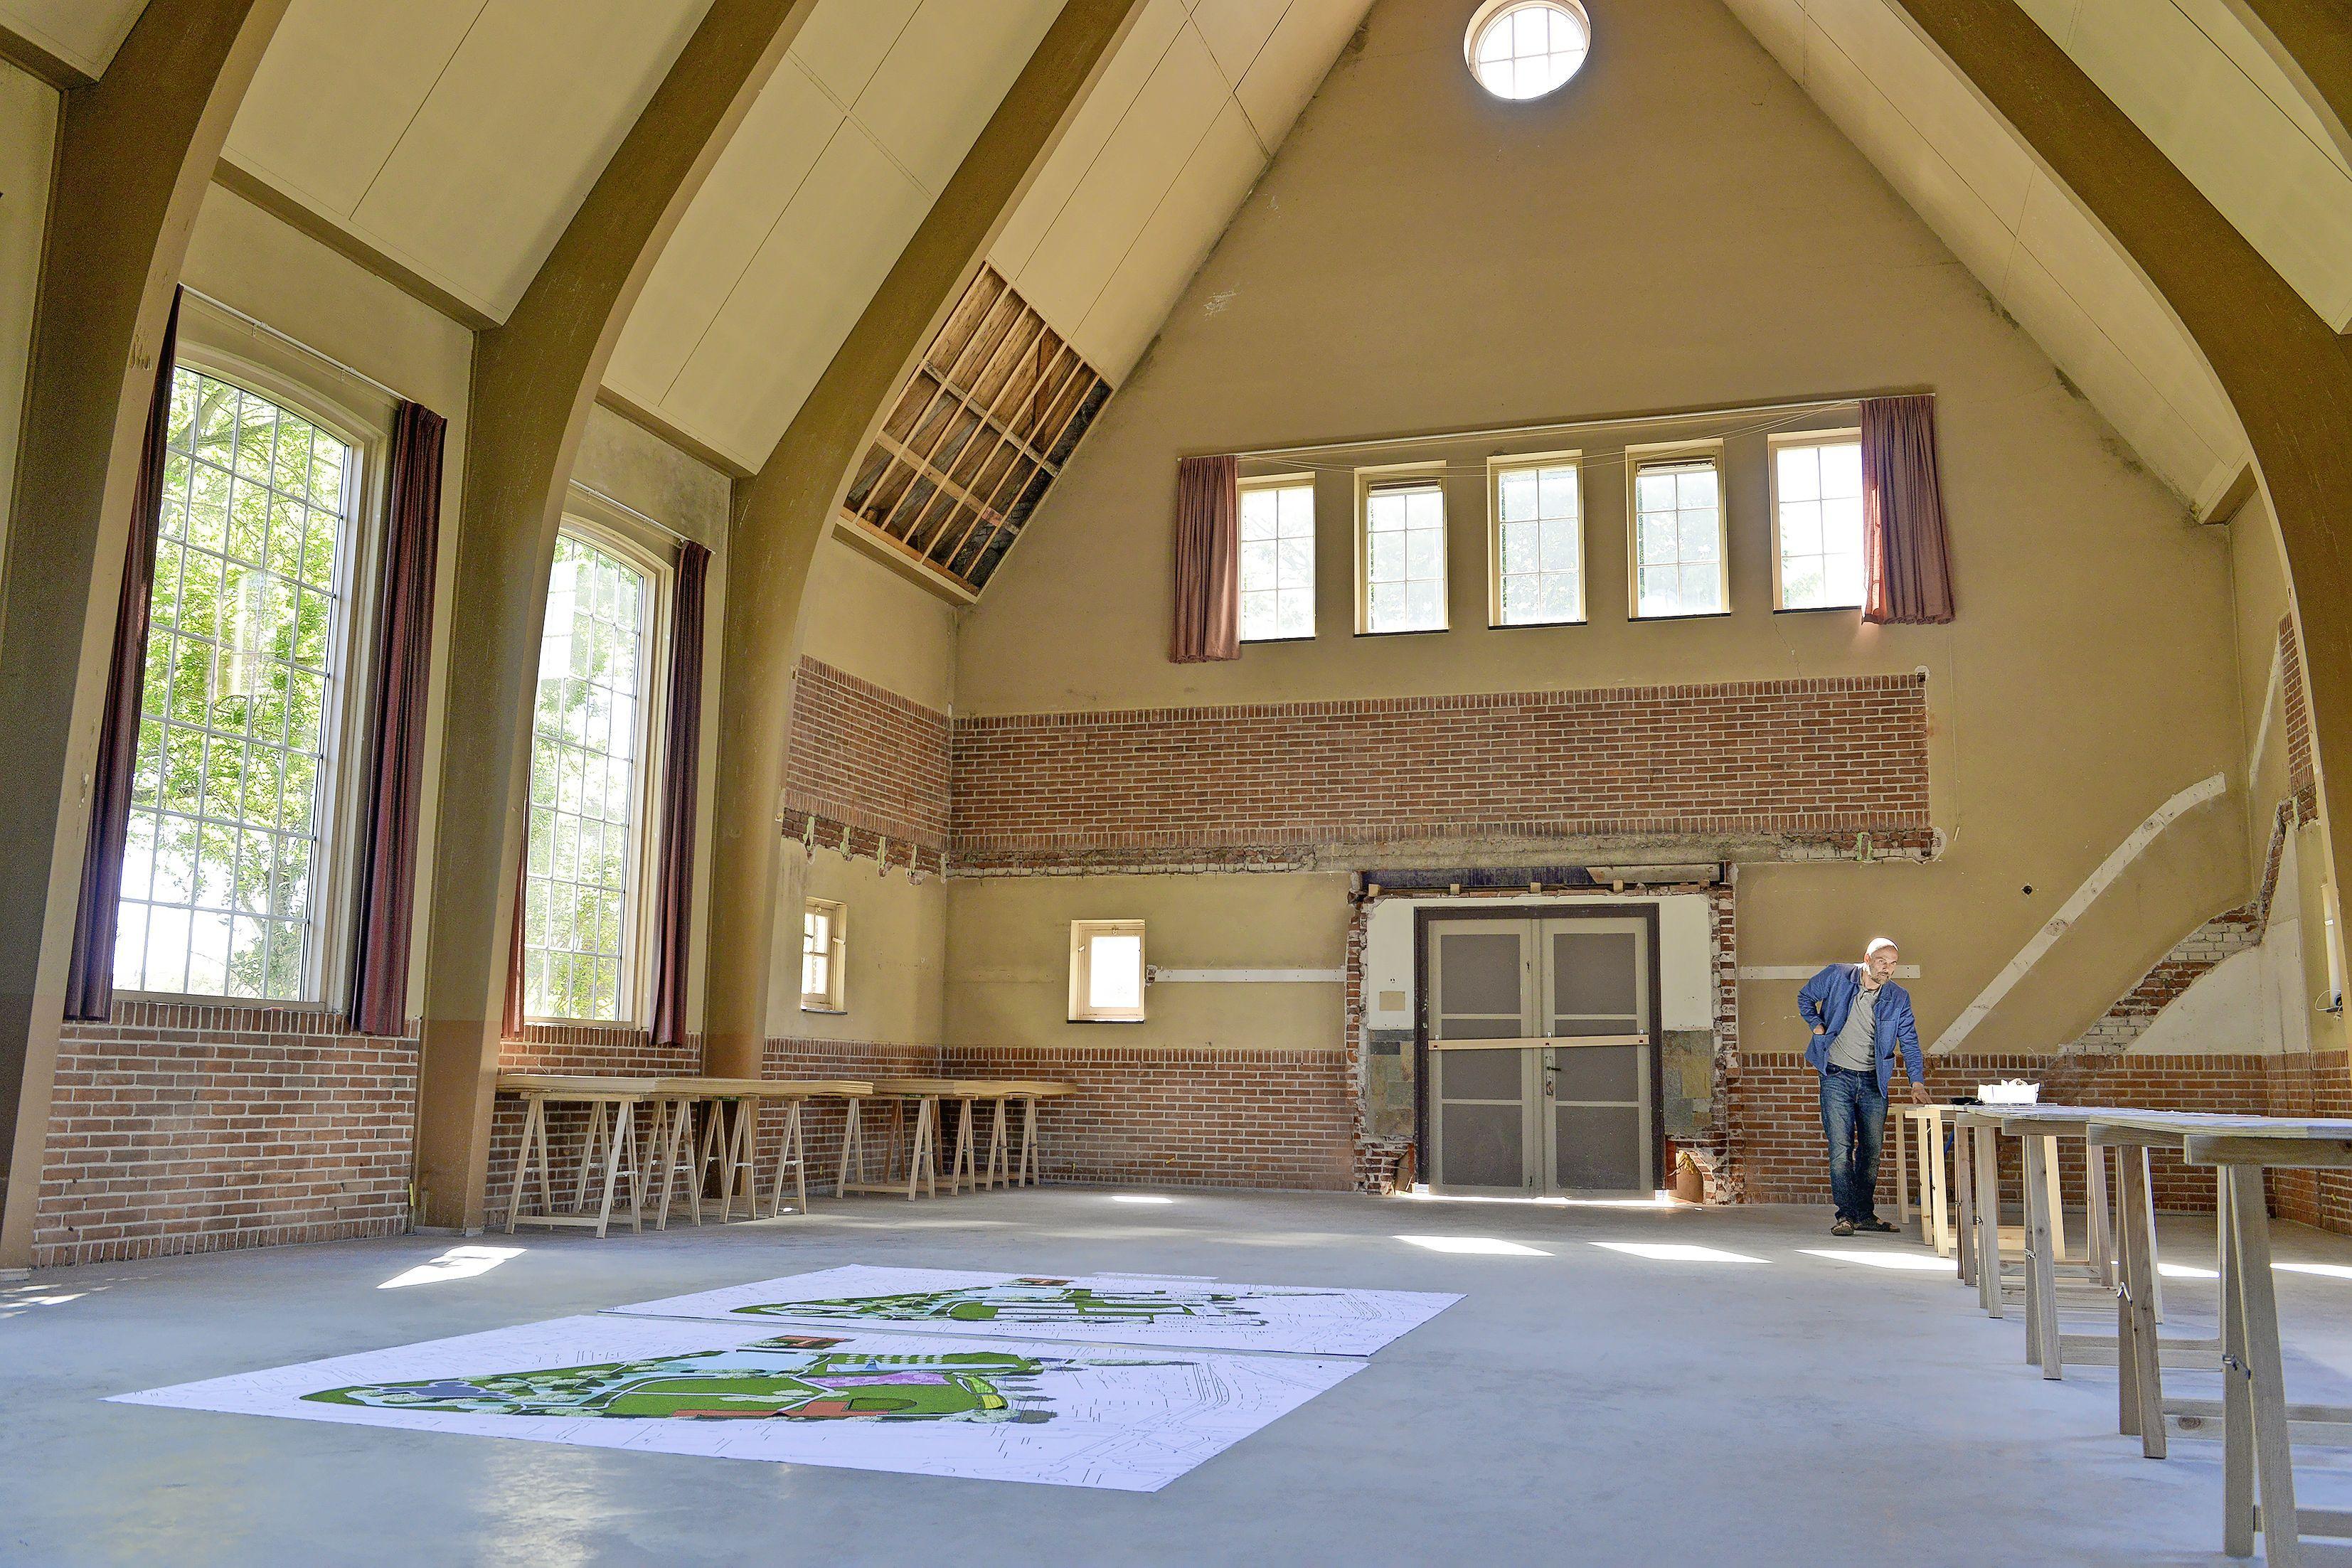 De Amsterdamse regisseur René van Elteren leerde de Texelse architect Marije Bakker kennen op het pontje naar Noord. Nu verbouwt het stel een kerk op het eiland